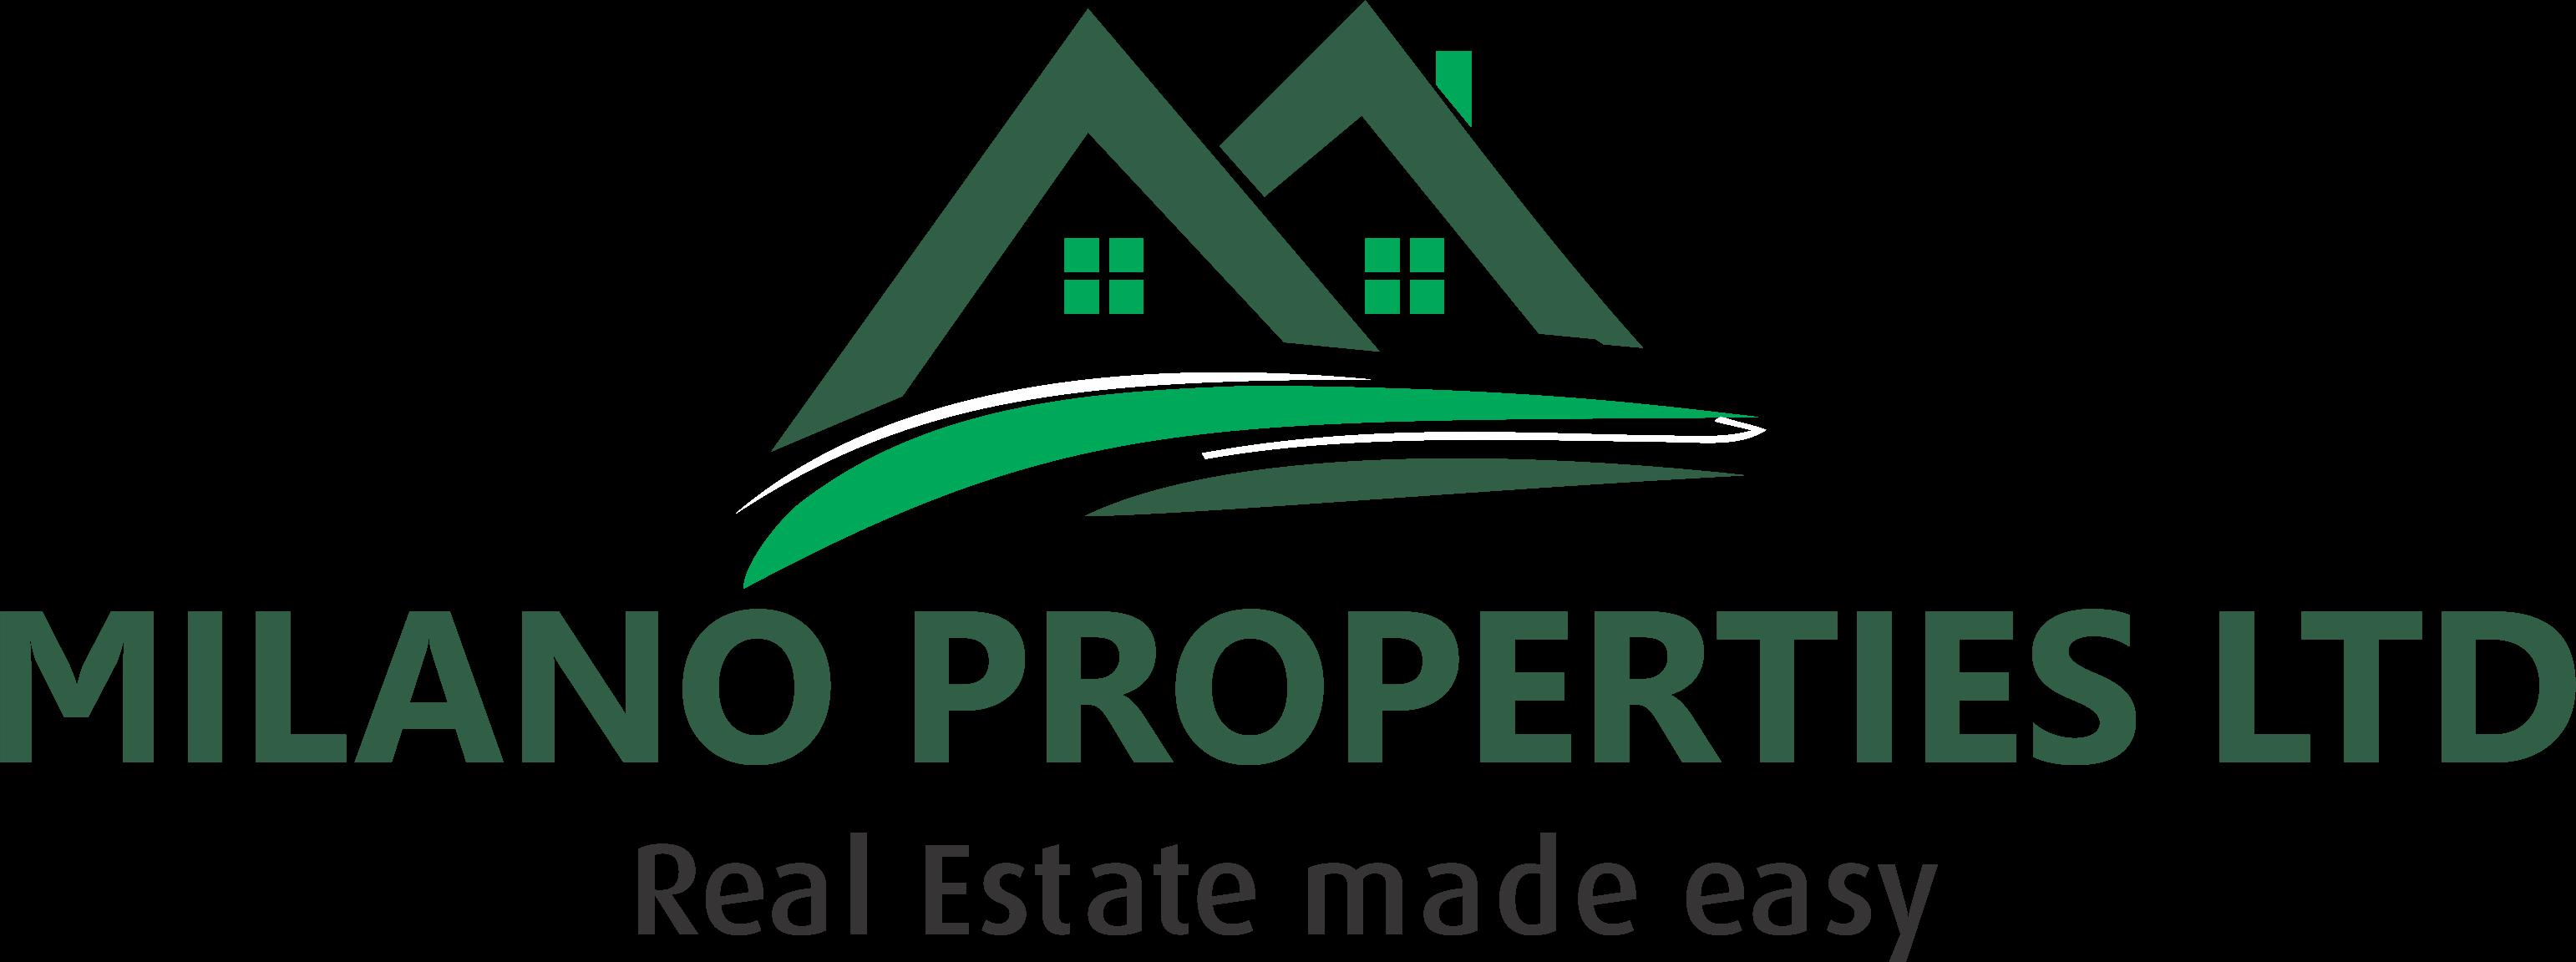 Milanoproperties Ltd